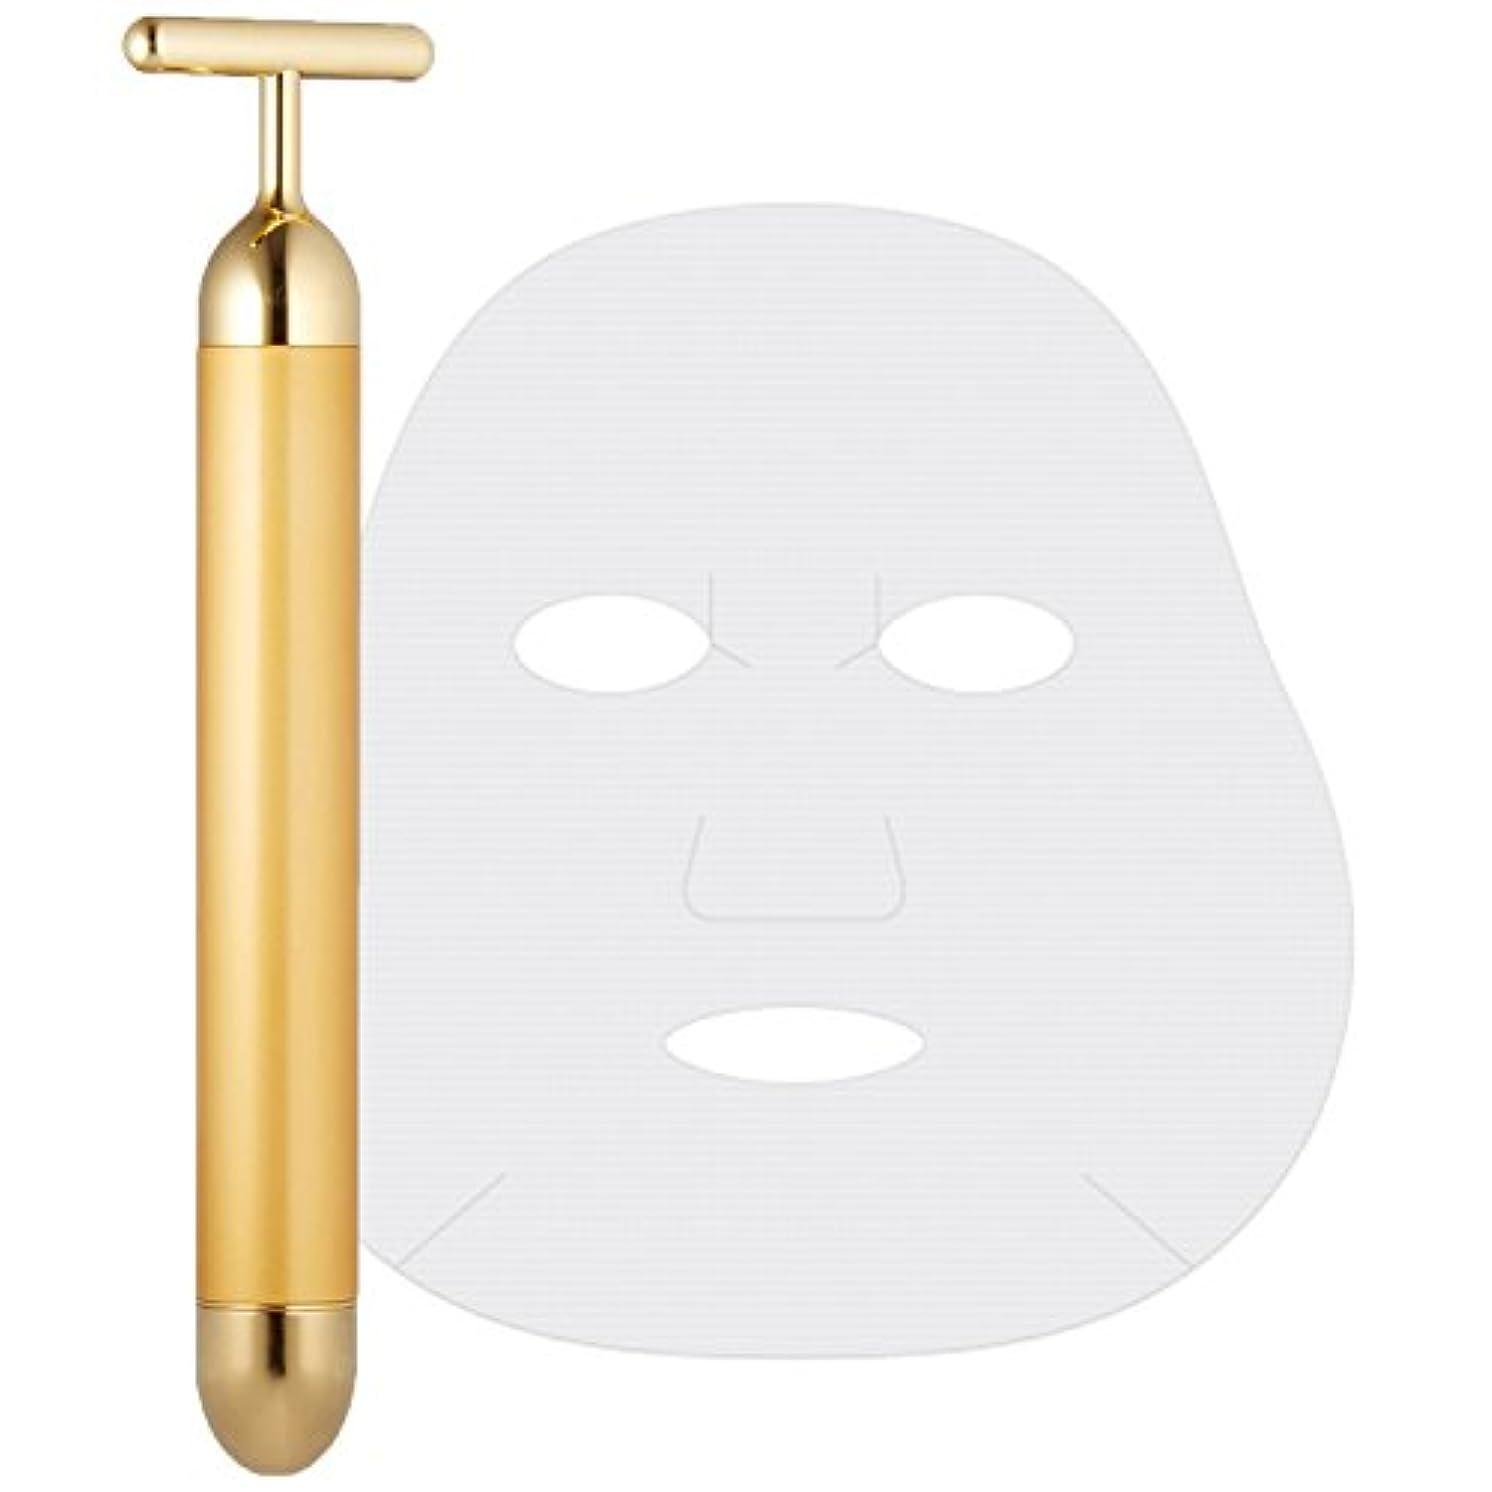 宿る禁止反対エムシービケン ビューティーバー + CELLA COSMETICS フェイスマスクシート(18枚入り) セット